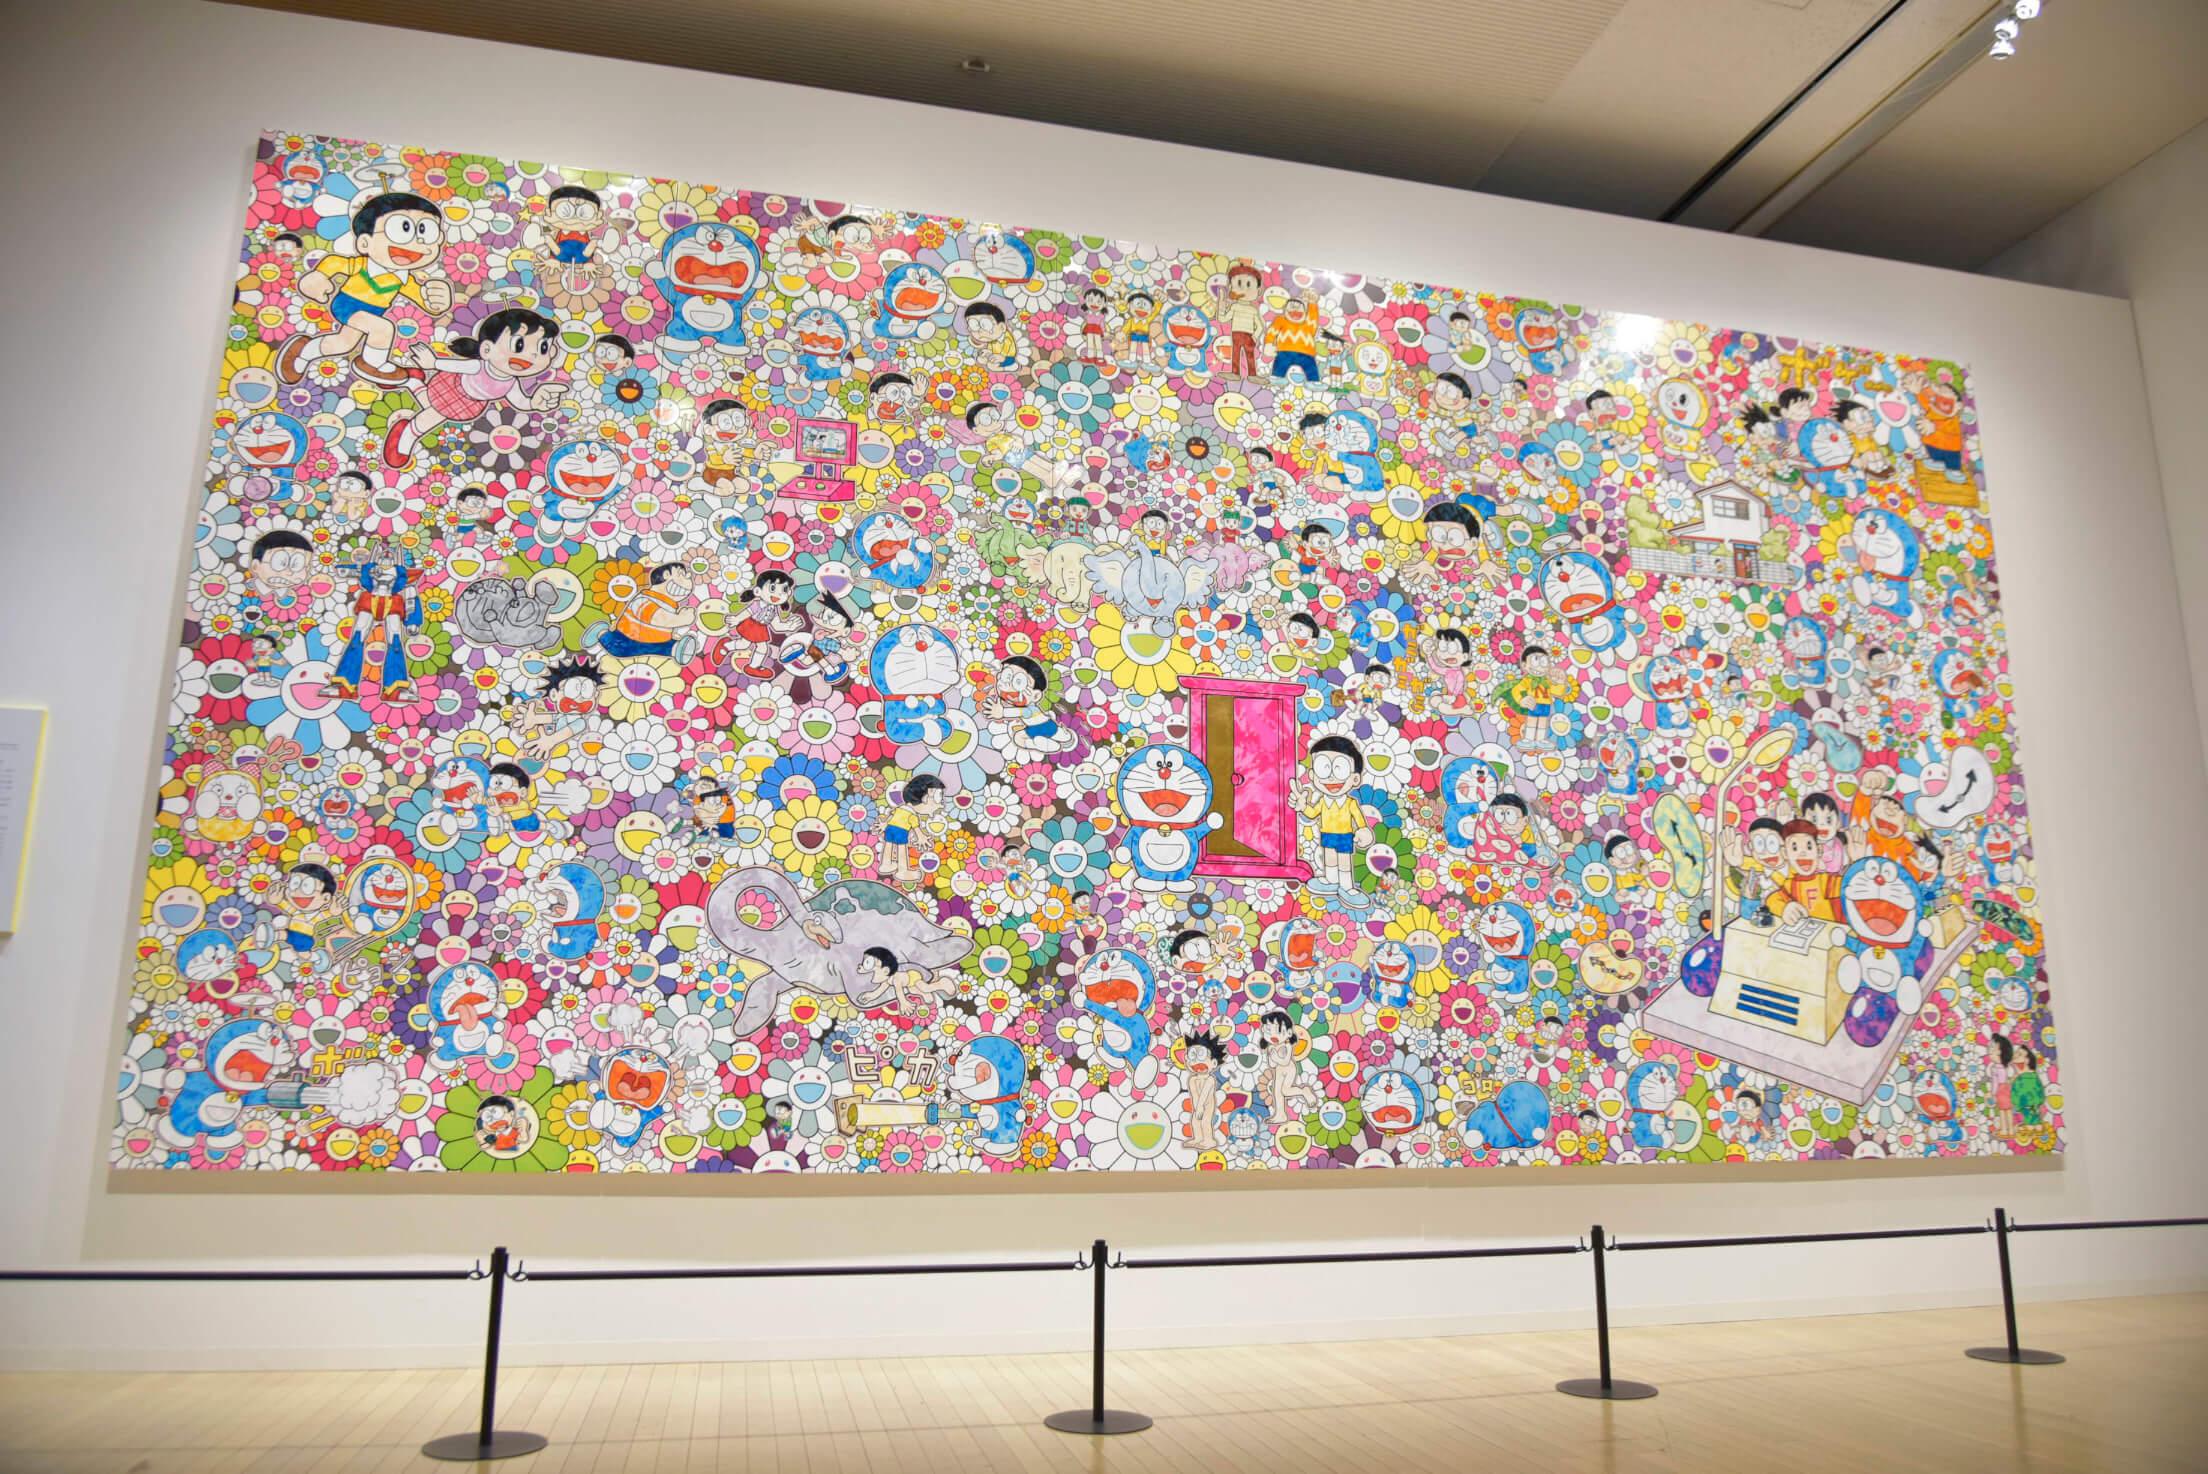 THE ドラえもん展 OSAKA 2019 Doraemon exhibition osaka 4